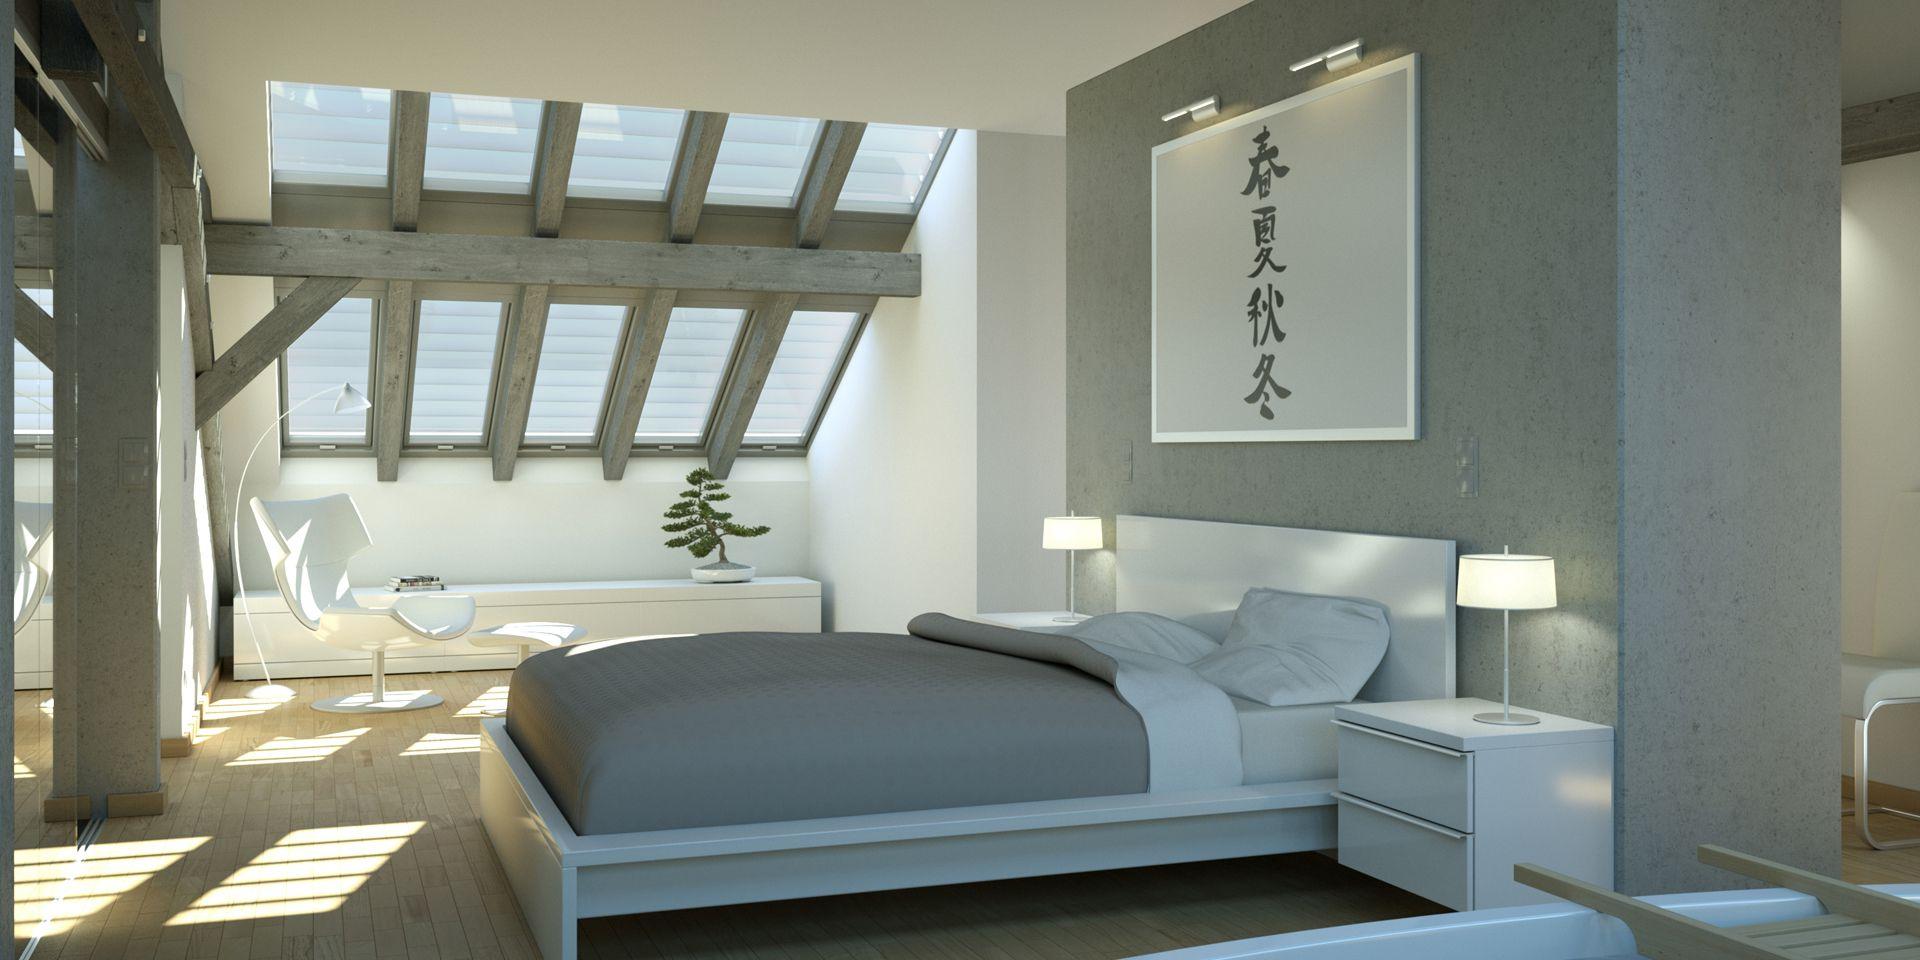 Visualisierung Dachstuhlausbau Schlafzimmer